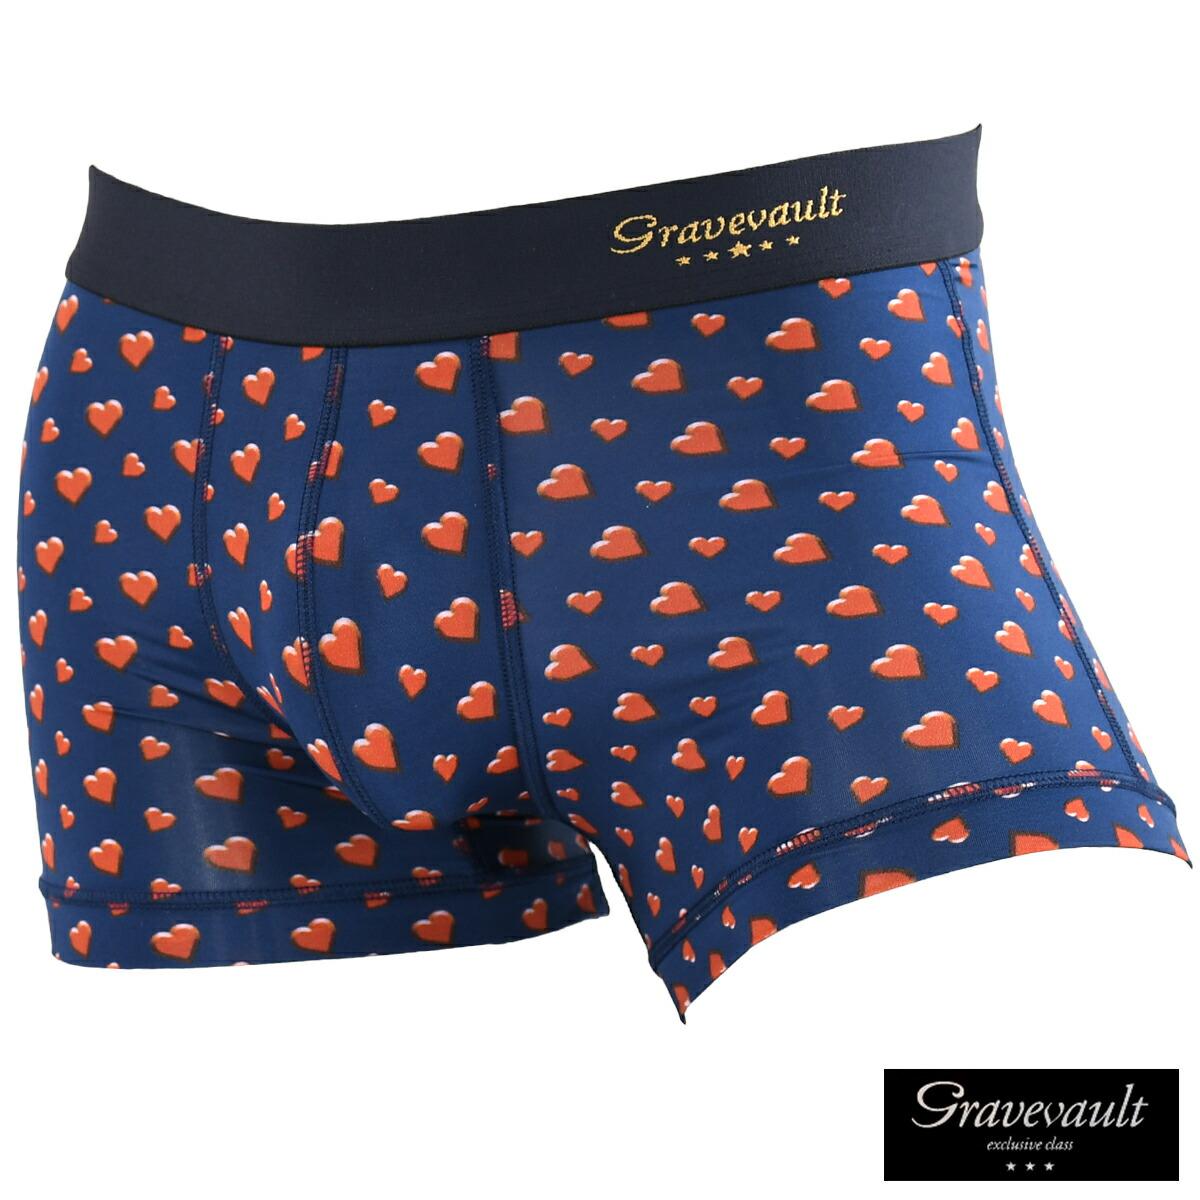 GRAVEVAULT グレイブボールト ボクサーパンツ ショート ハート パンツ 下着 メンズ mens(ネイビー紺レッド赤)